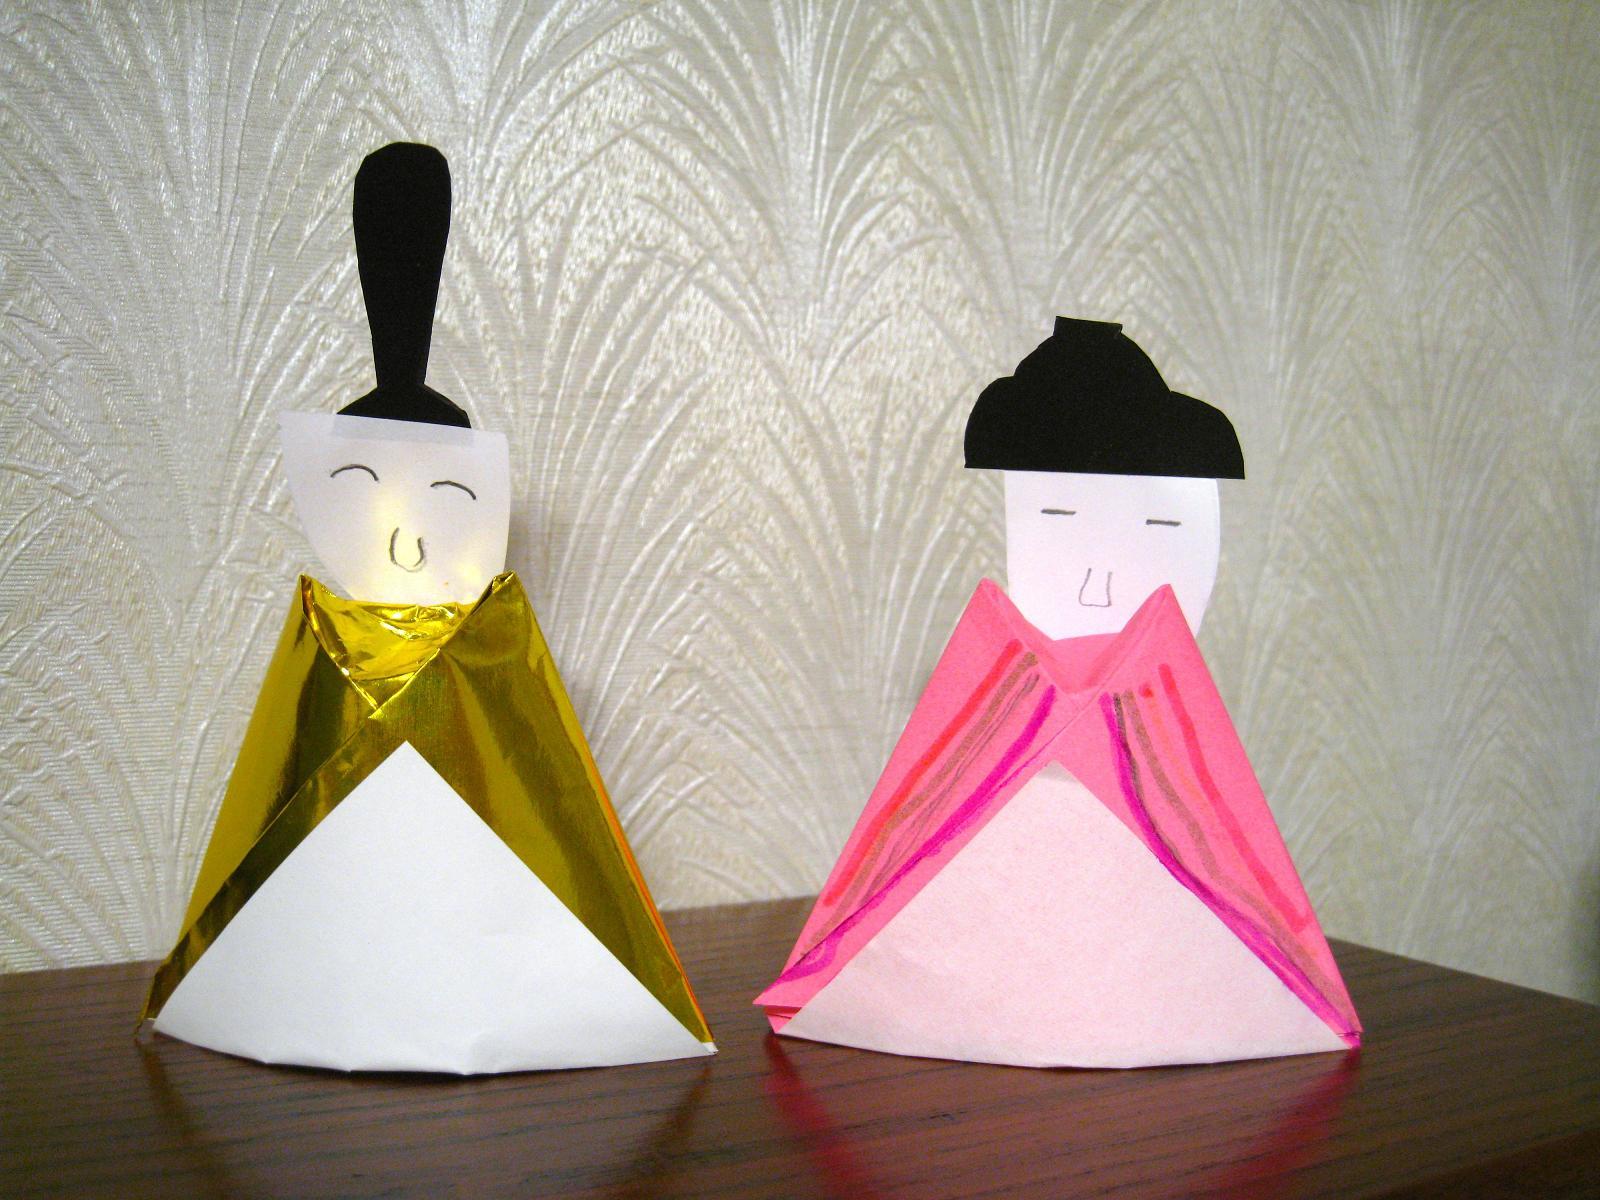 ... 簡単ひな人形の折り方 [折り紙 : 折り紙 お内裏様 折り方 : 折り方